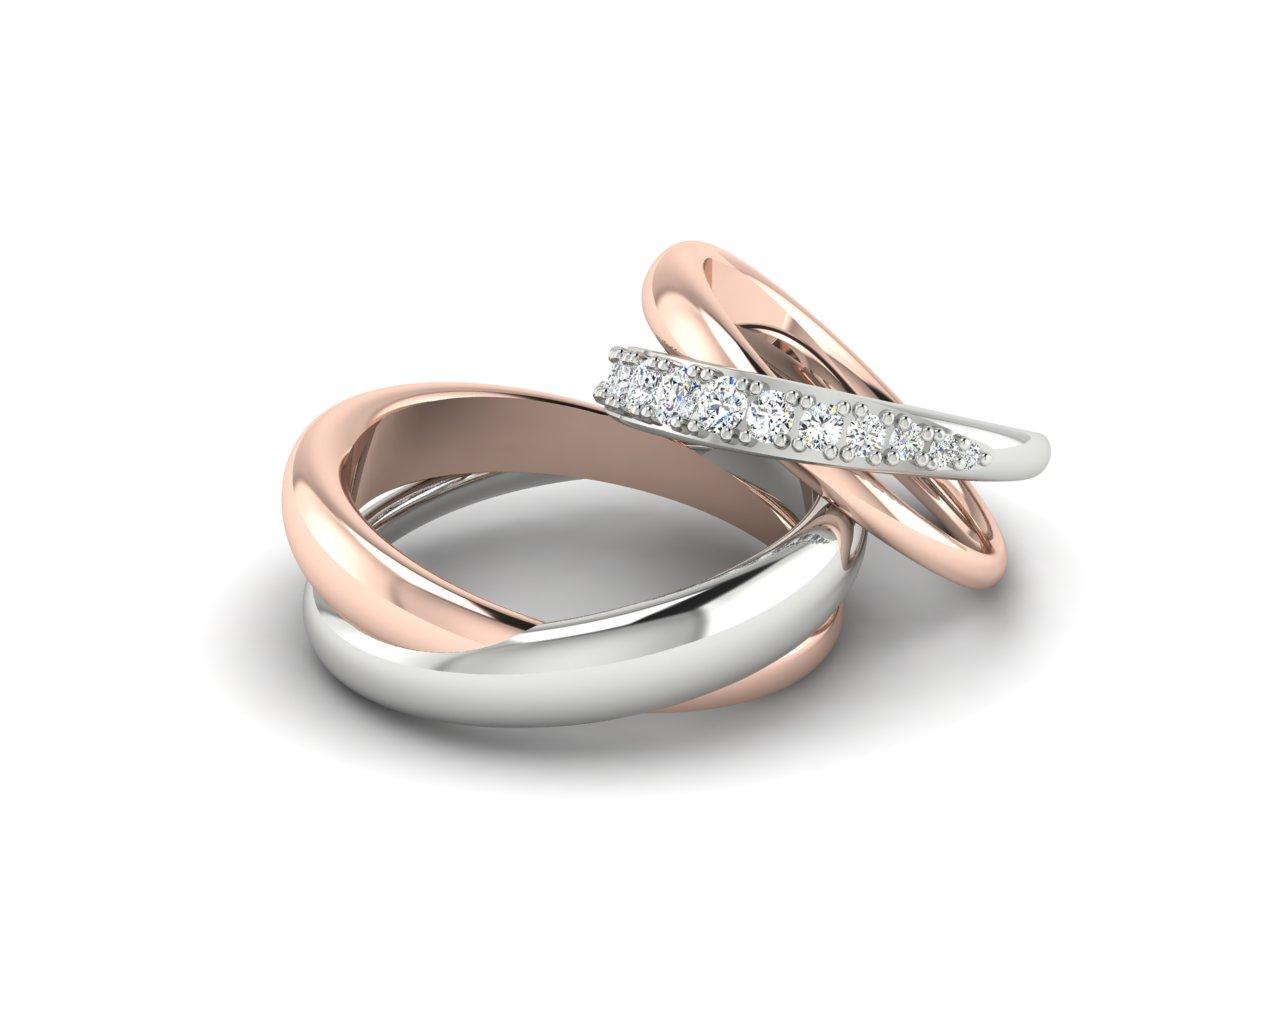 Snubní prsteny Variation of Link